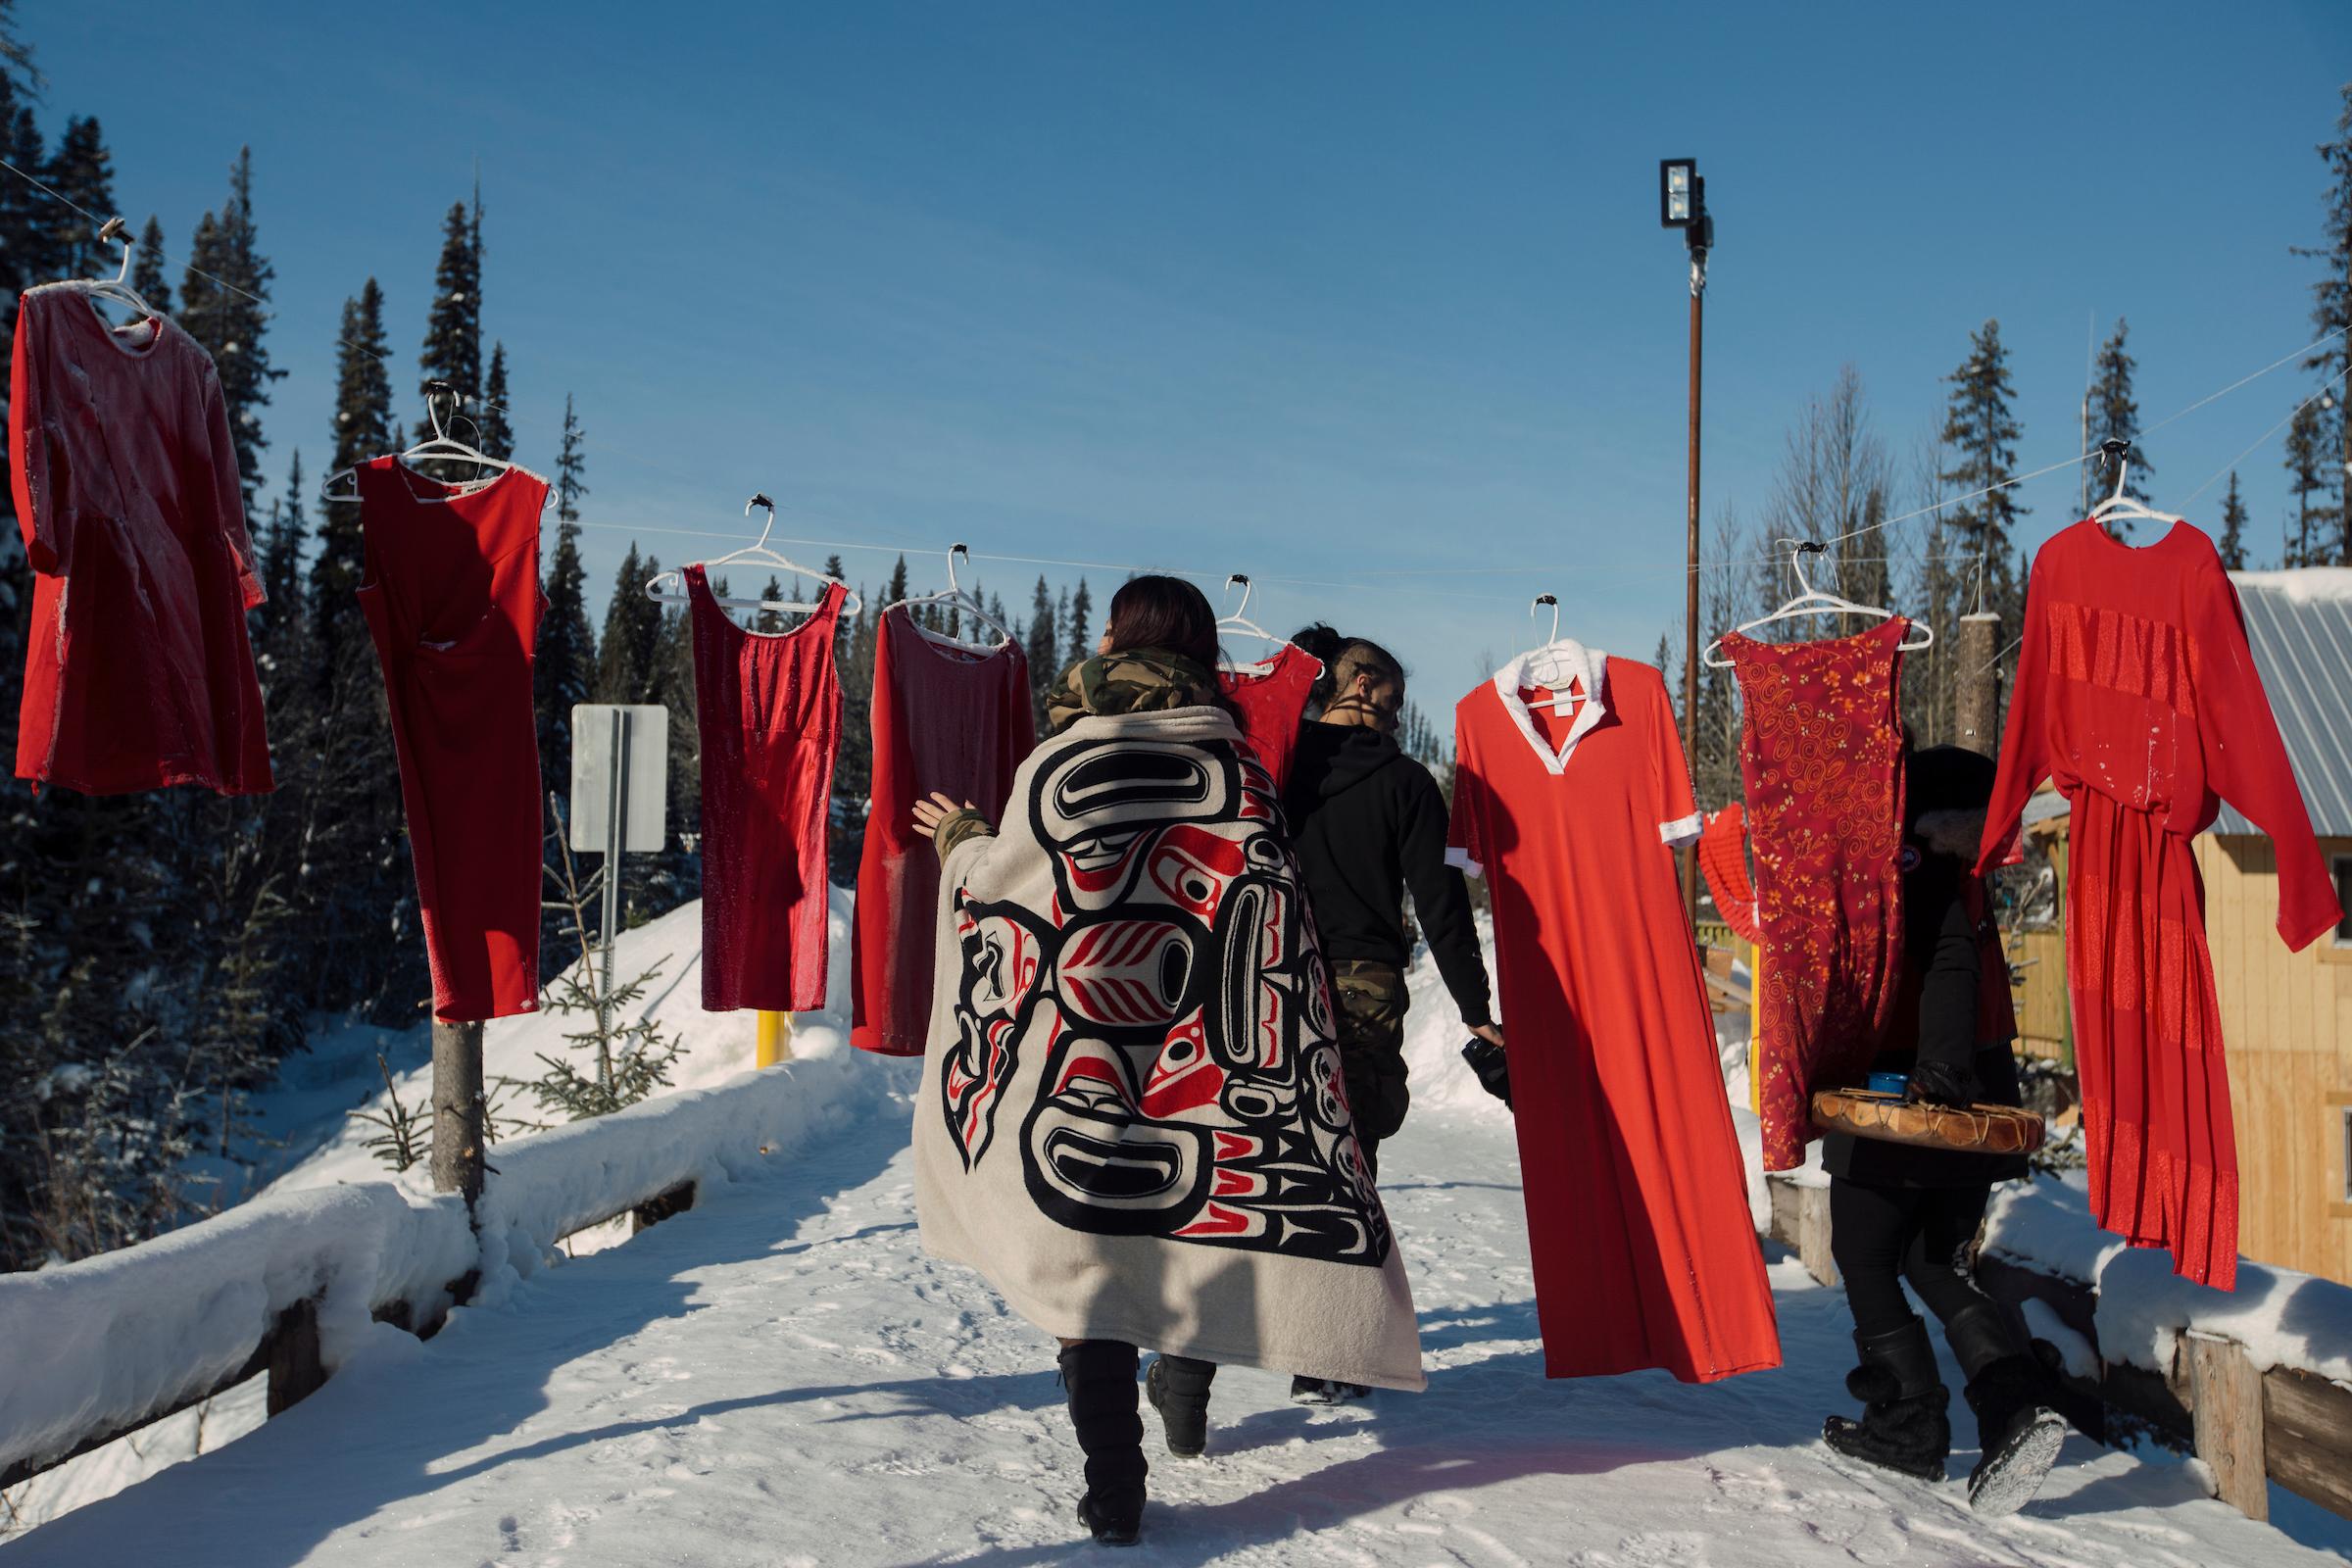 RCMP Unist'ot'en camp arrests red dresses Wet'suwet'en Coastal GasLink